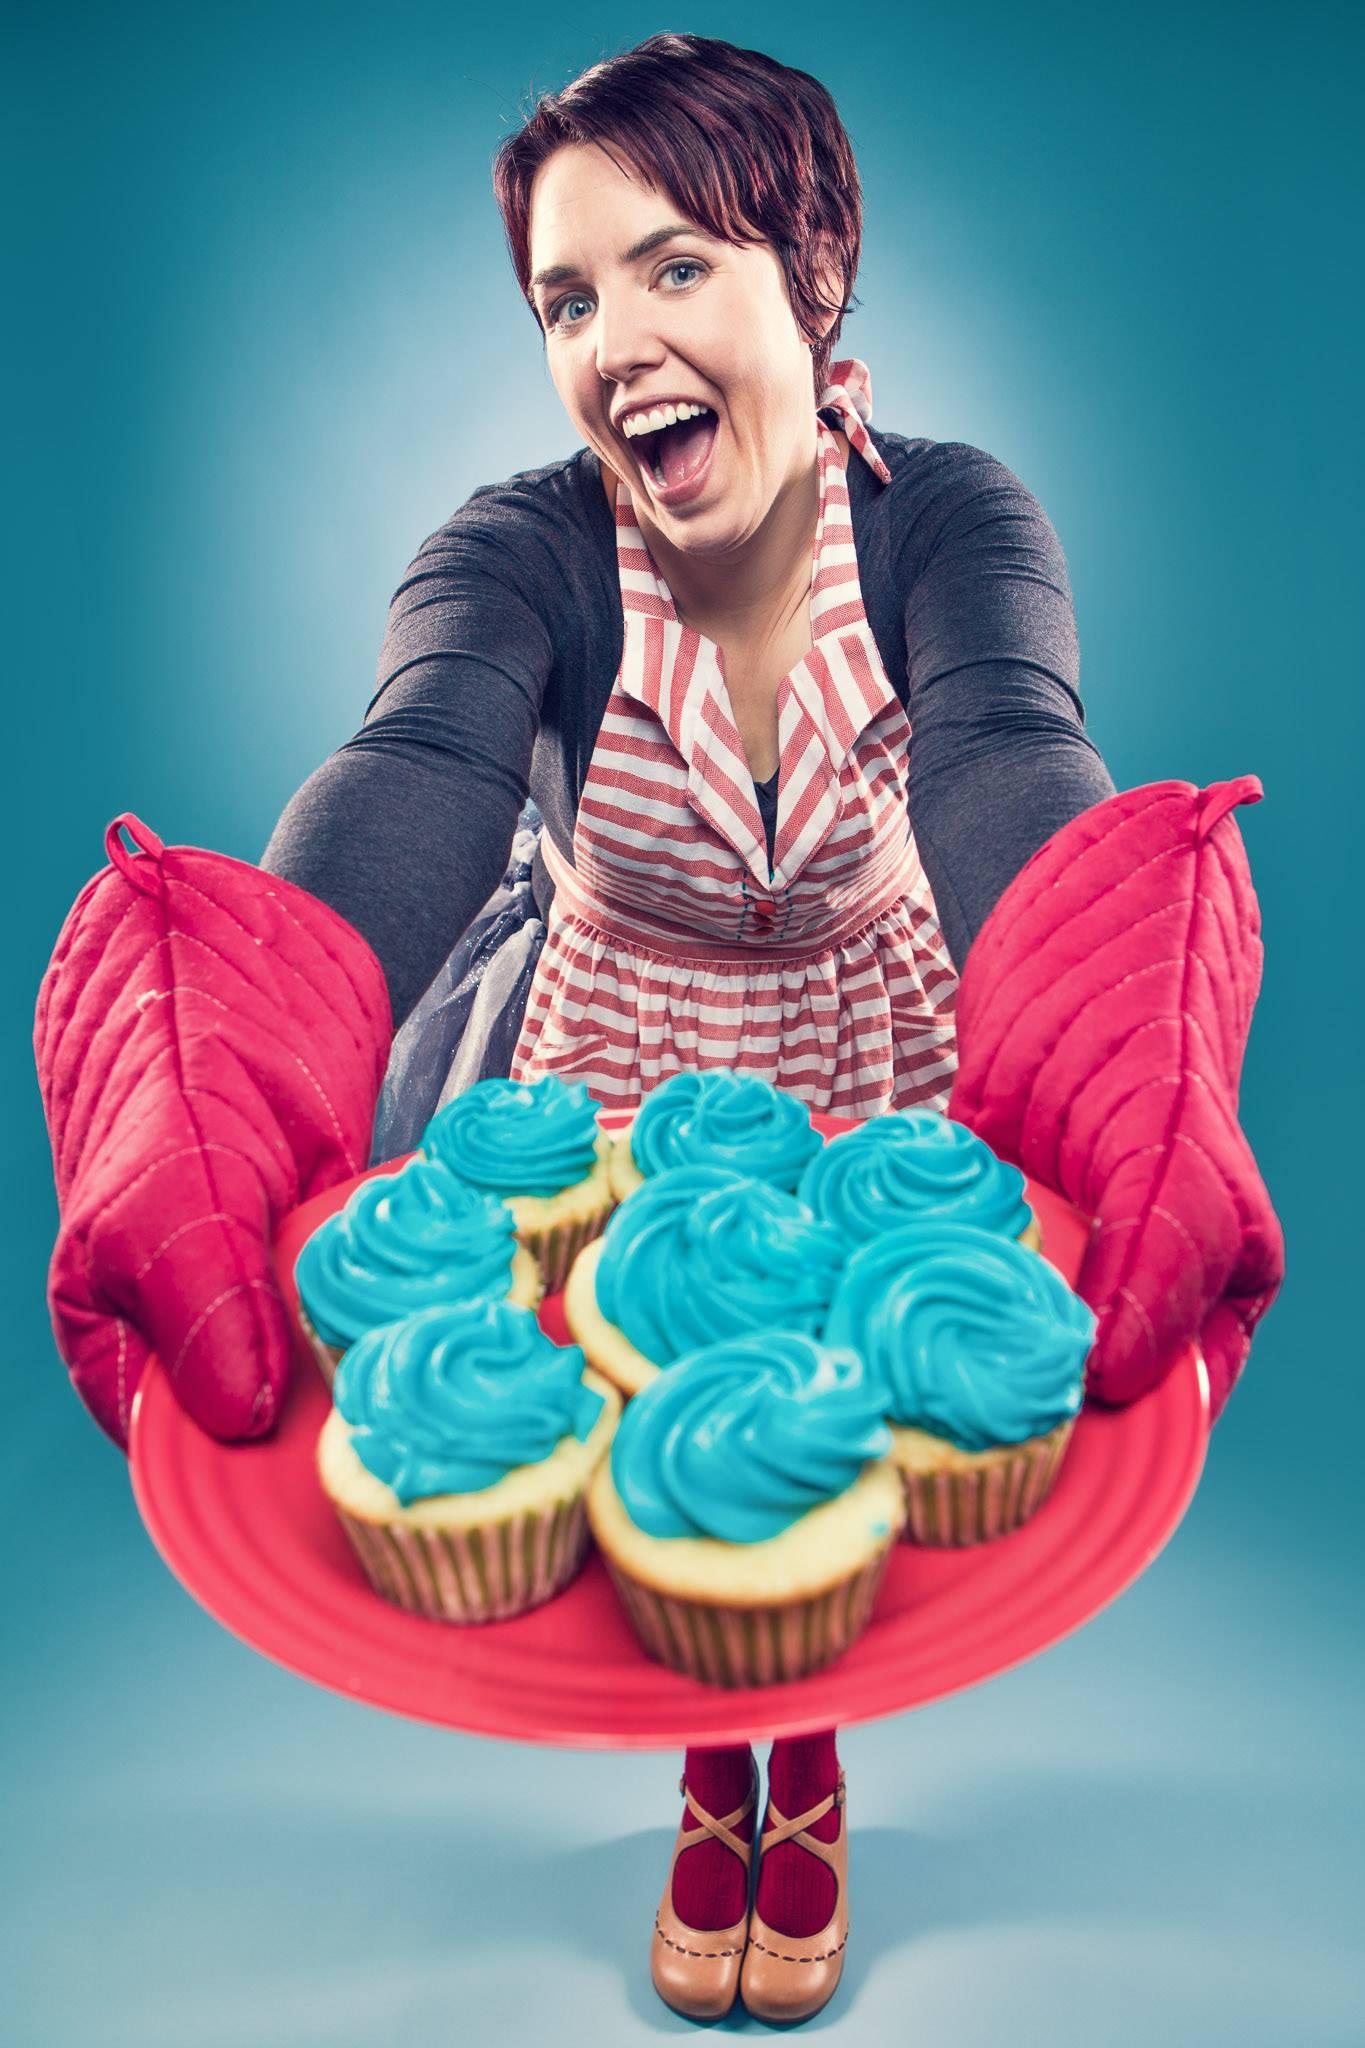 pattie-cakes-shayne-gray-toronto-photographer.jpg